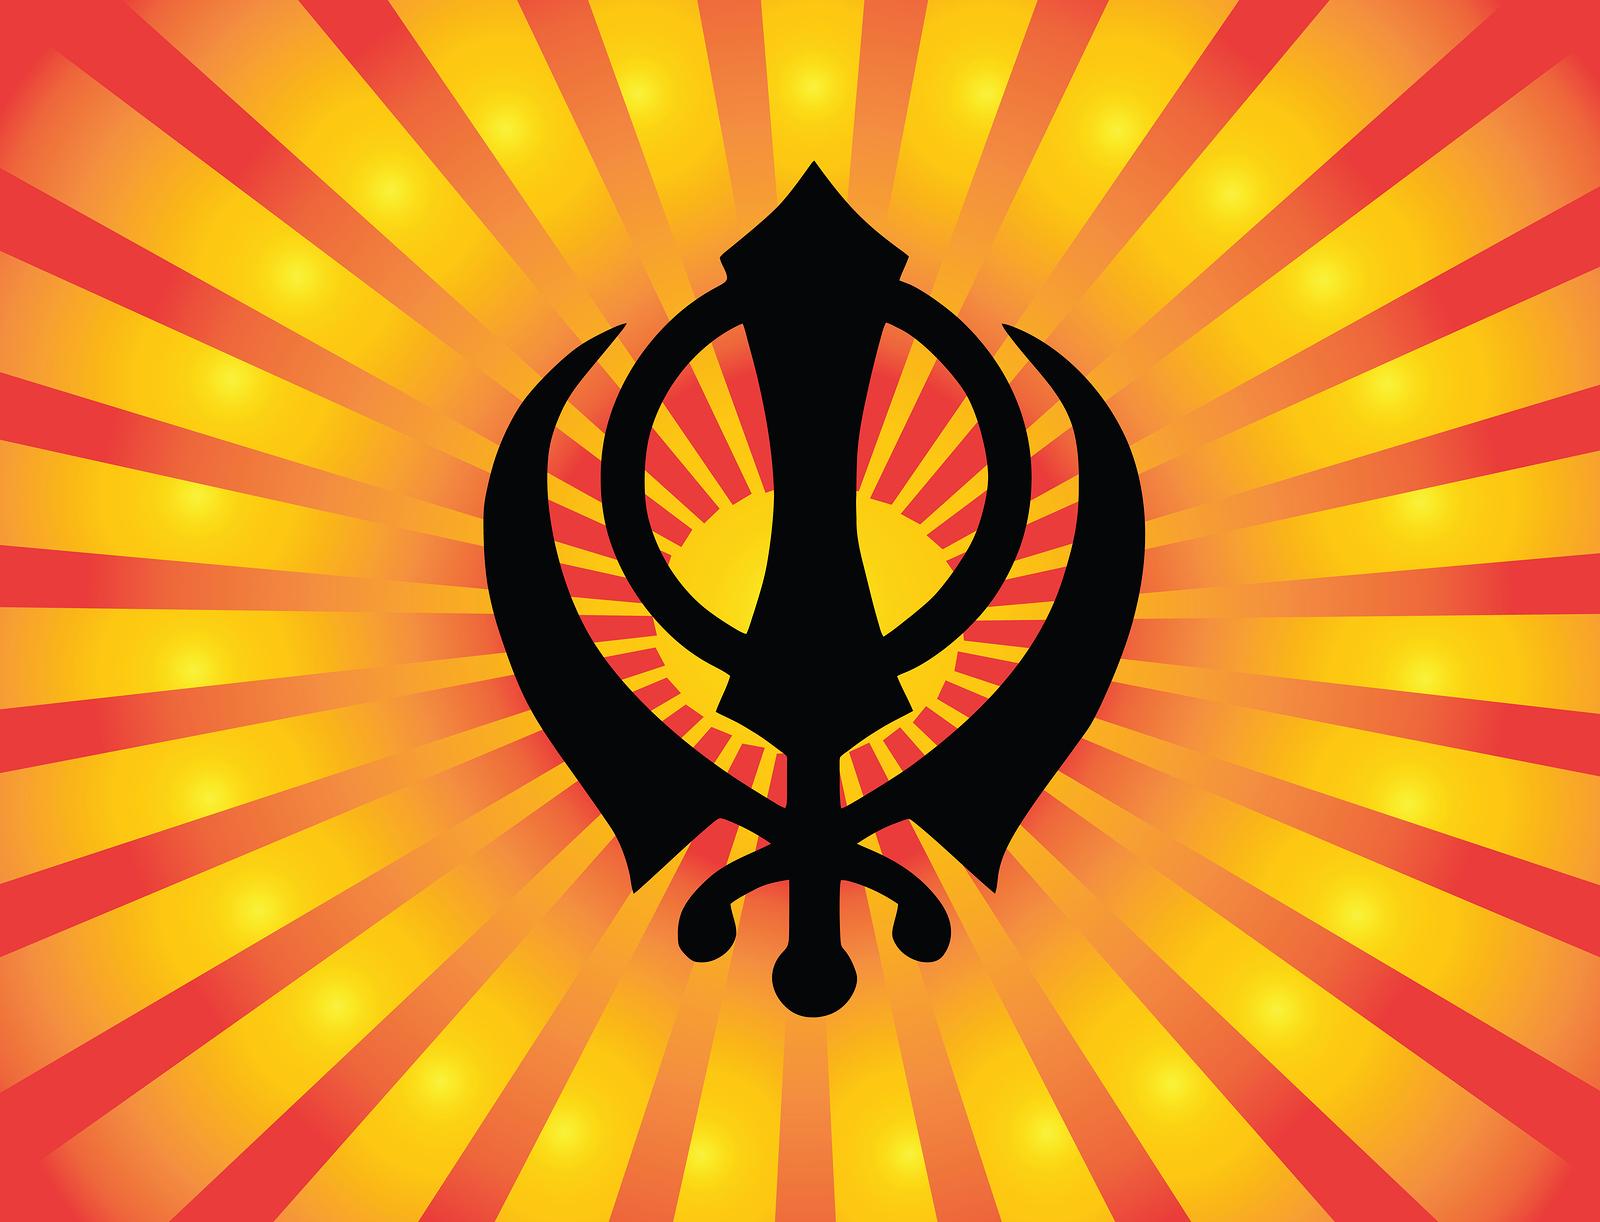 Sikhism For Ks1 And Ks2 Children